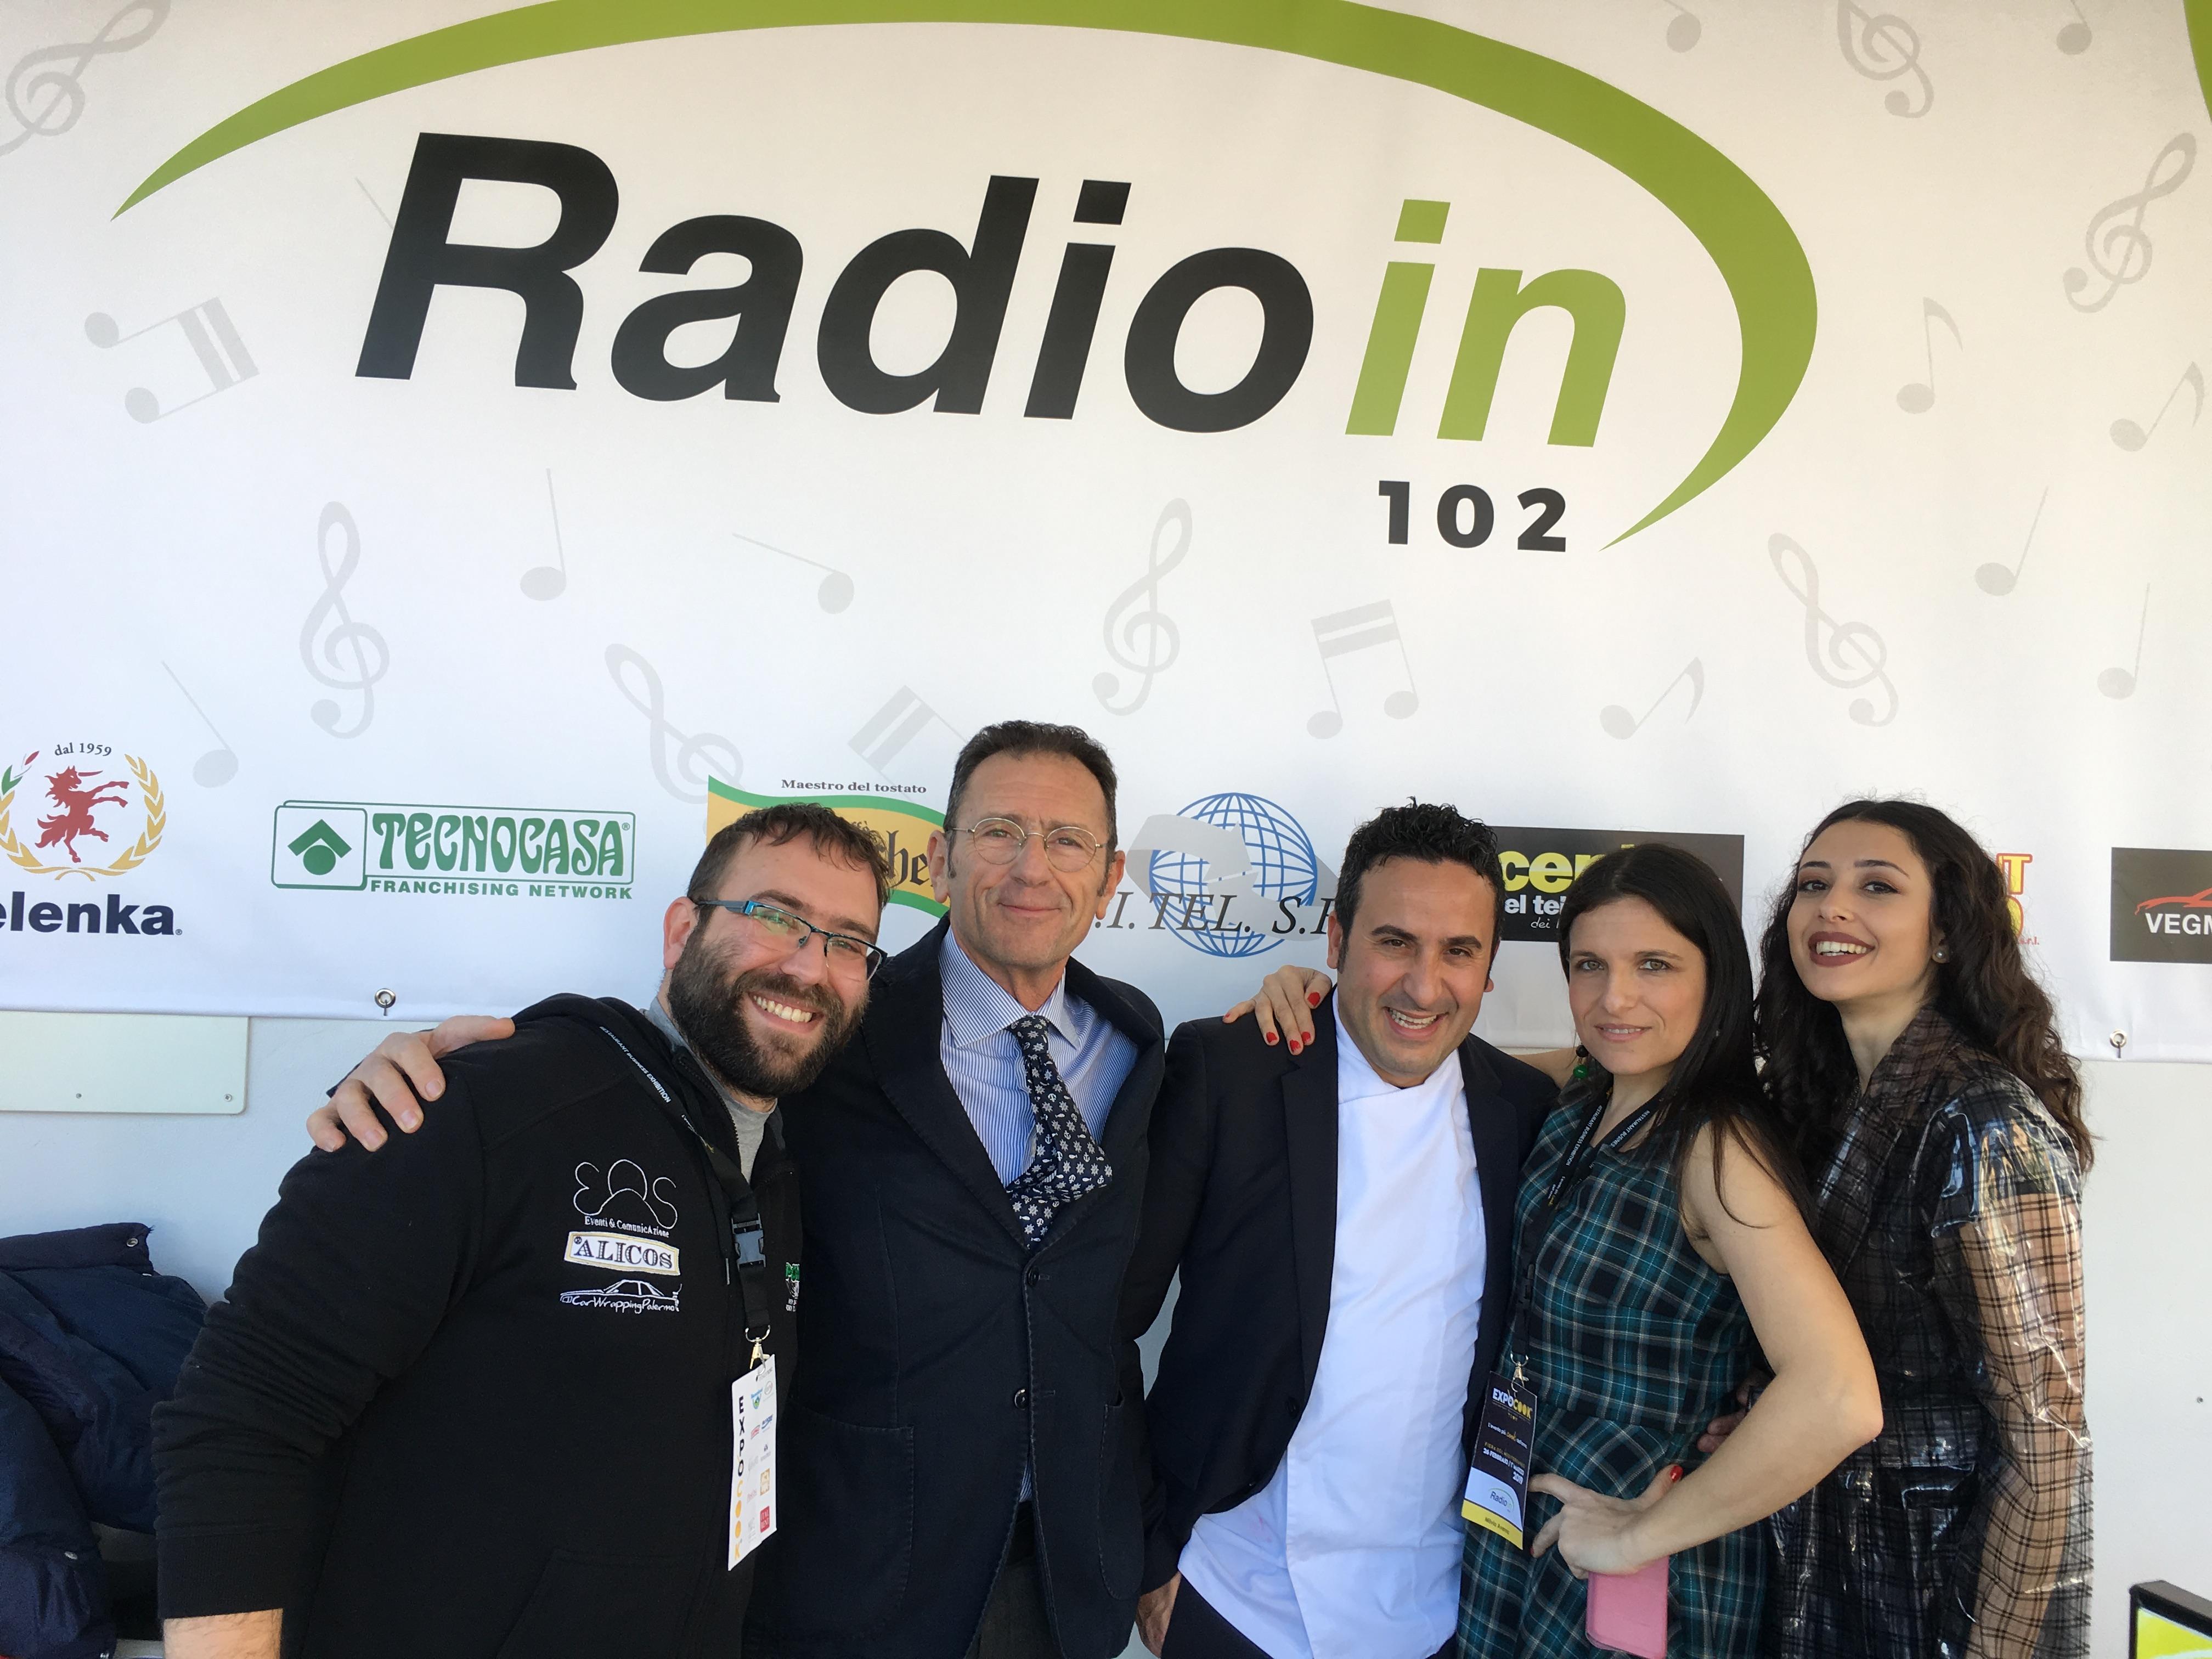 Milvia Averna e Sara Priolo con gli chef Gigi Mangia e Natale Giunta ed il regista Mirko Ufo Valenti